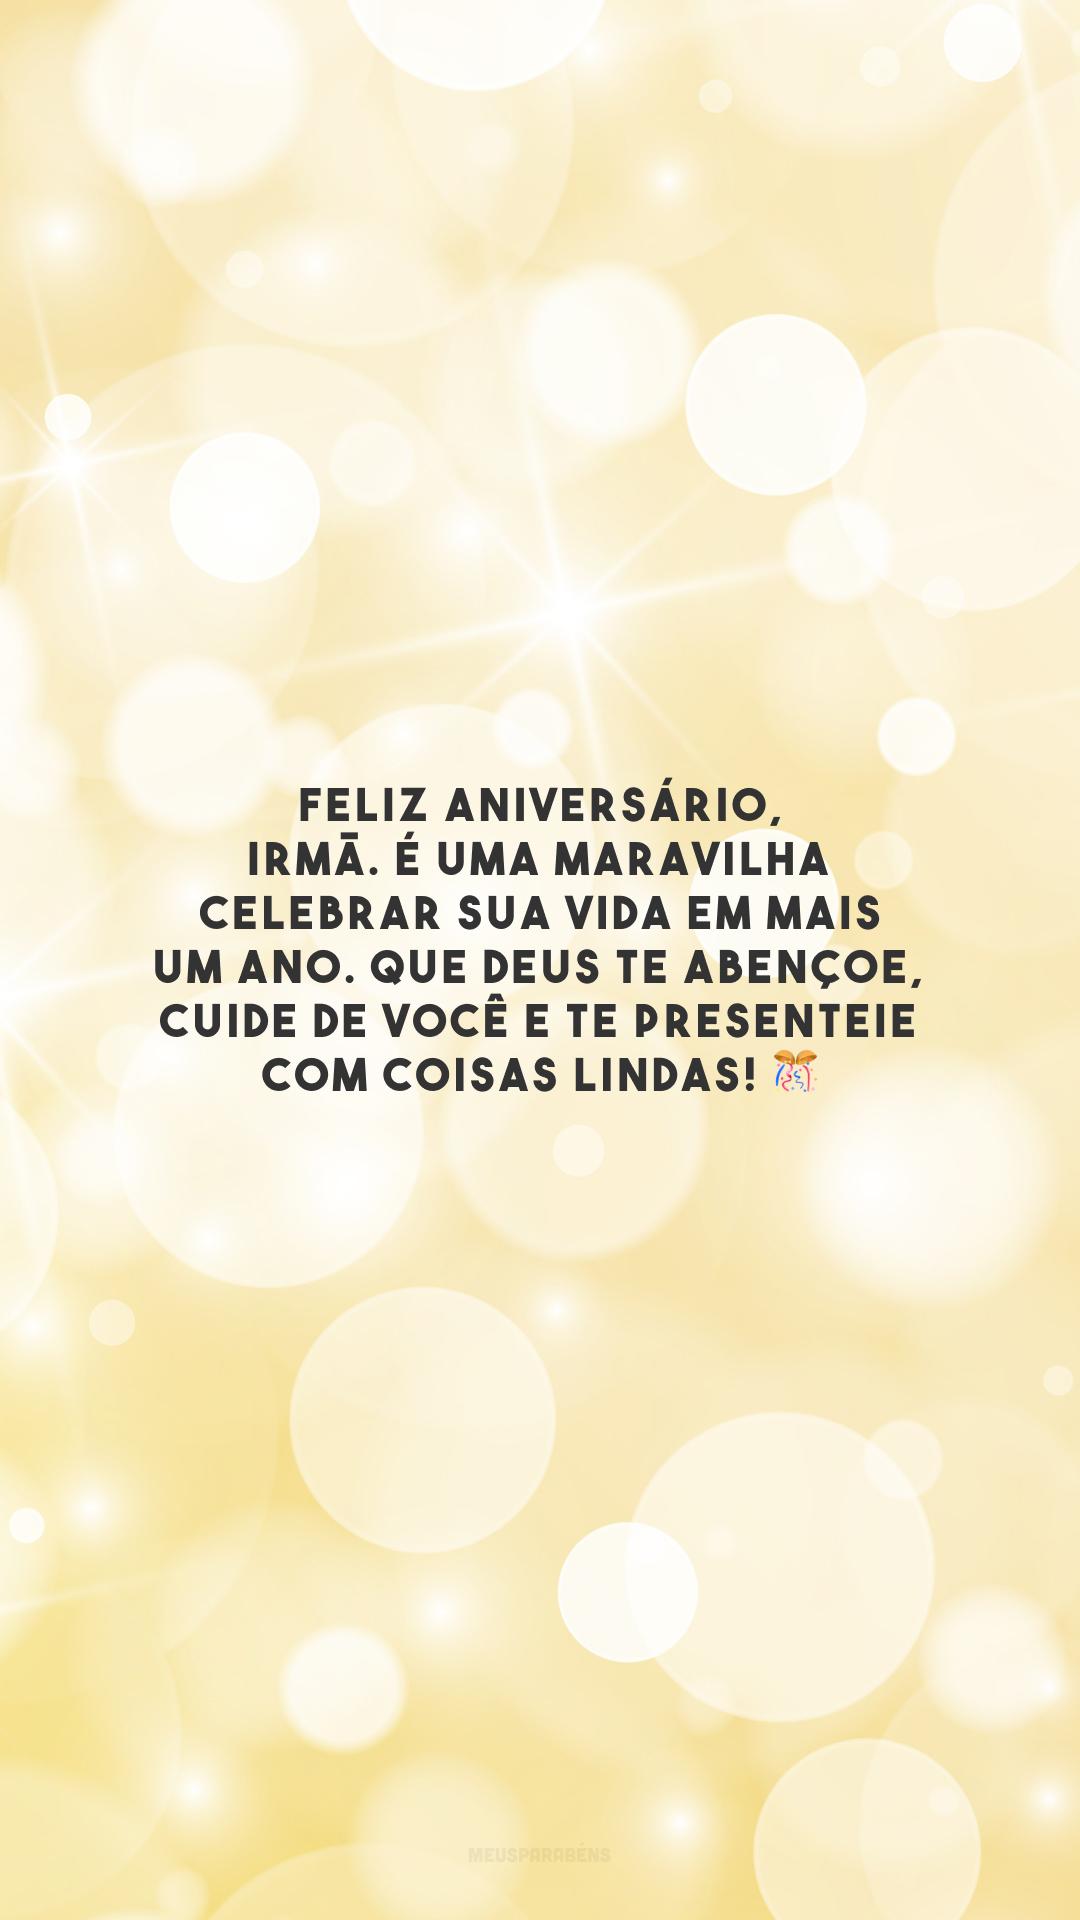 Feliz aniversário, irmã. É uma maravilha celebrar sua vida em mais um ano. Que Deus te abençoe, cuide de você e te presenteie com coisas lindas! 🎊